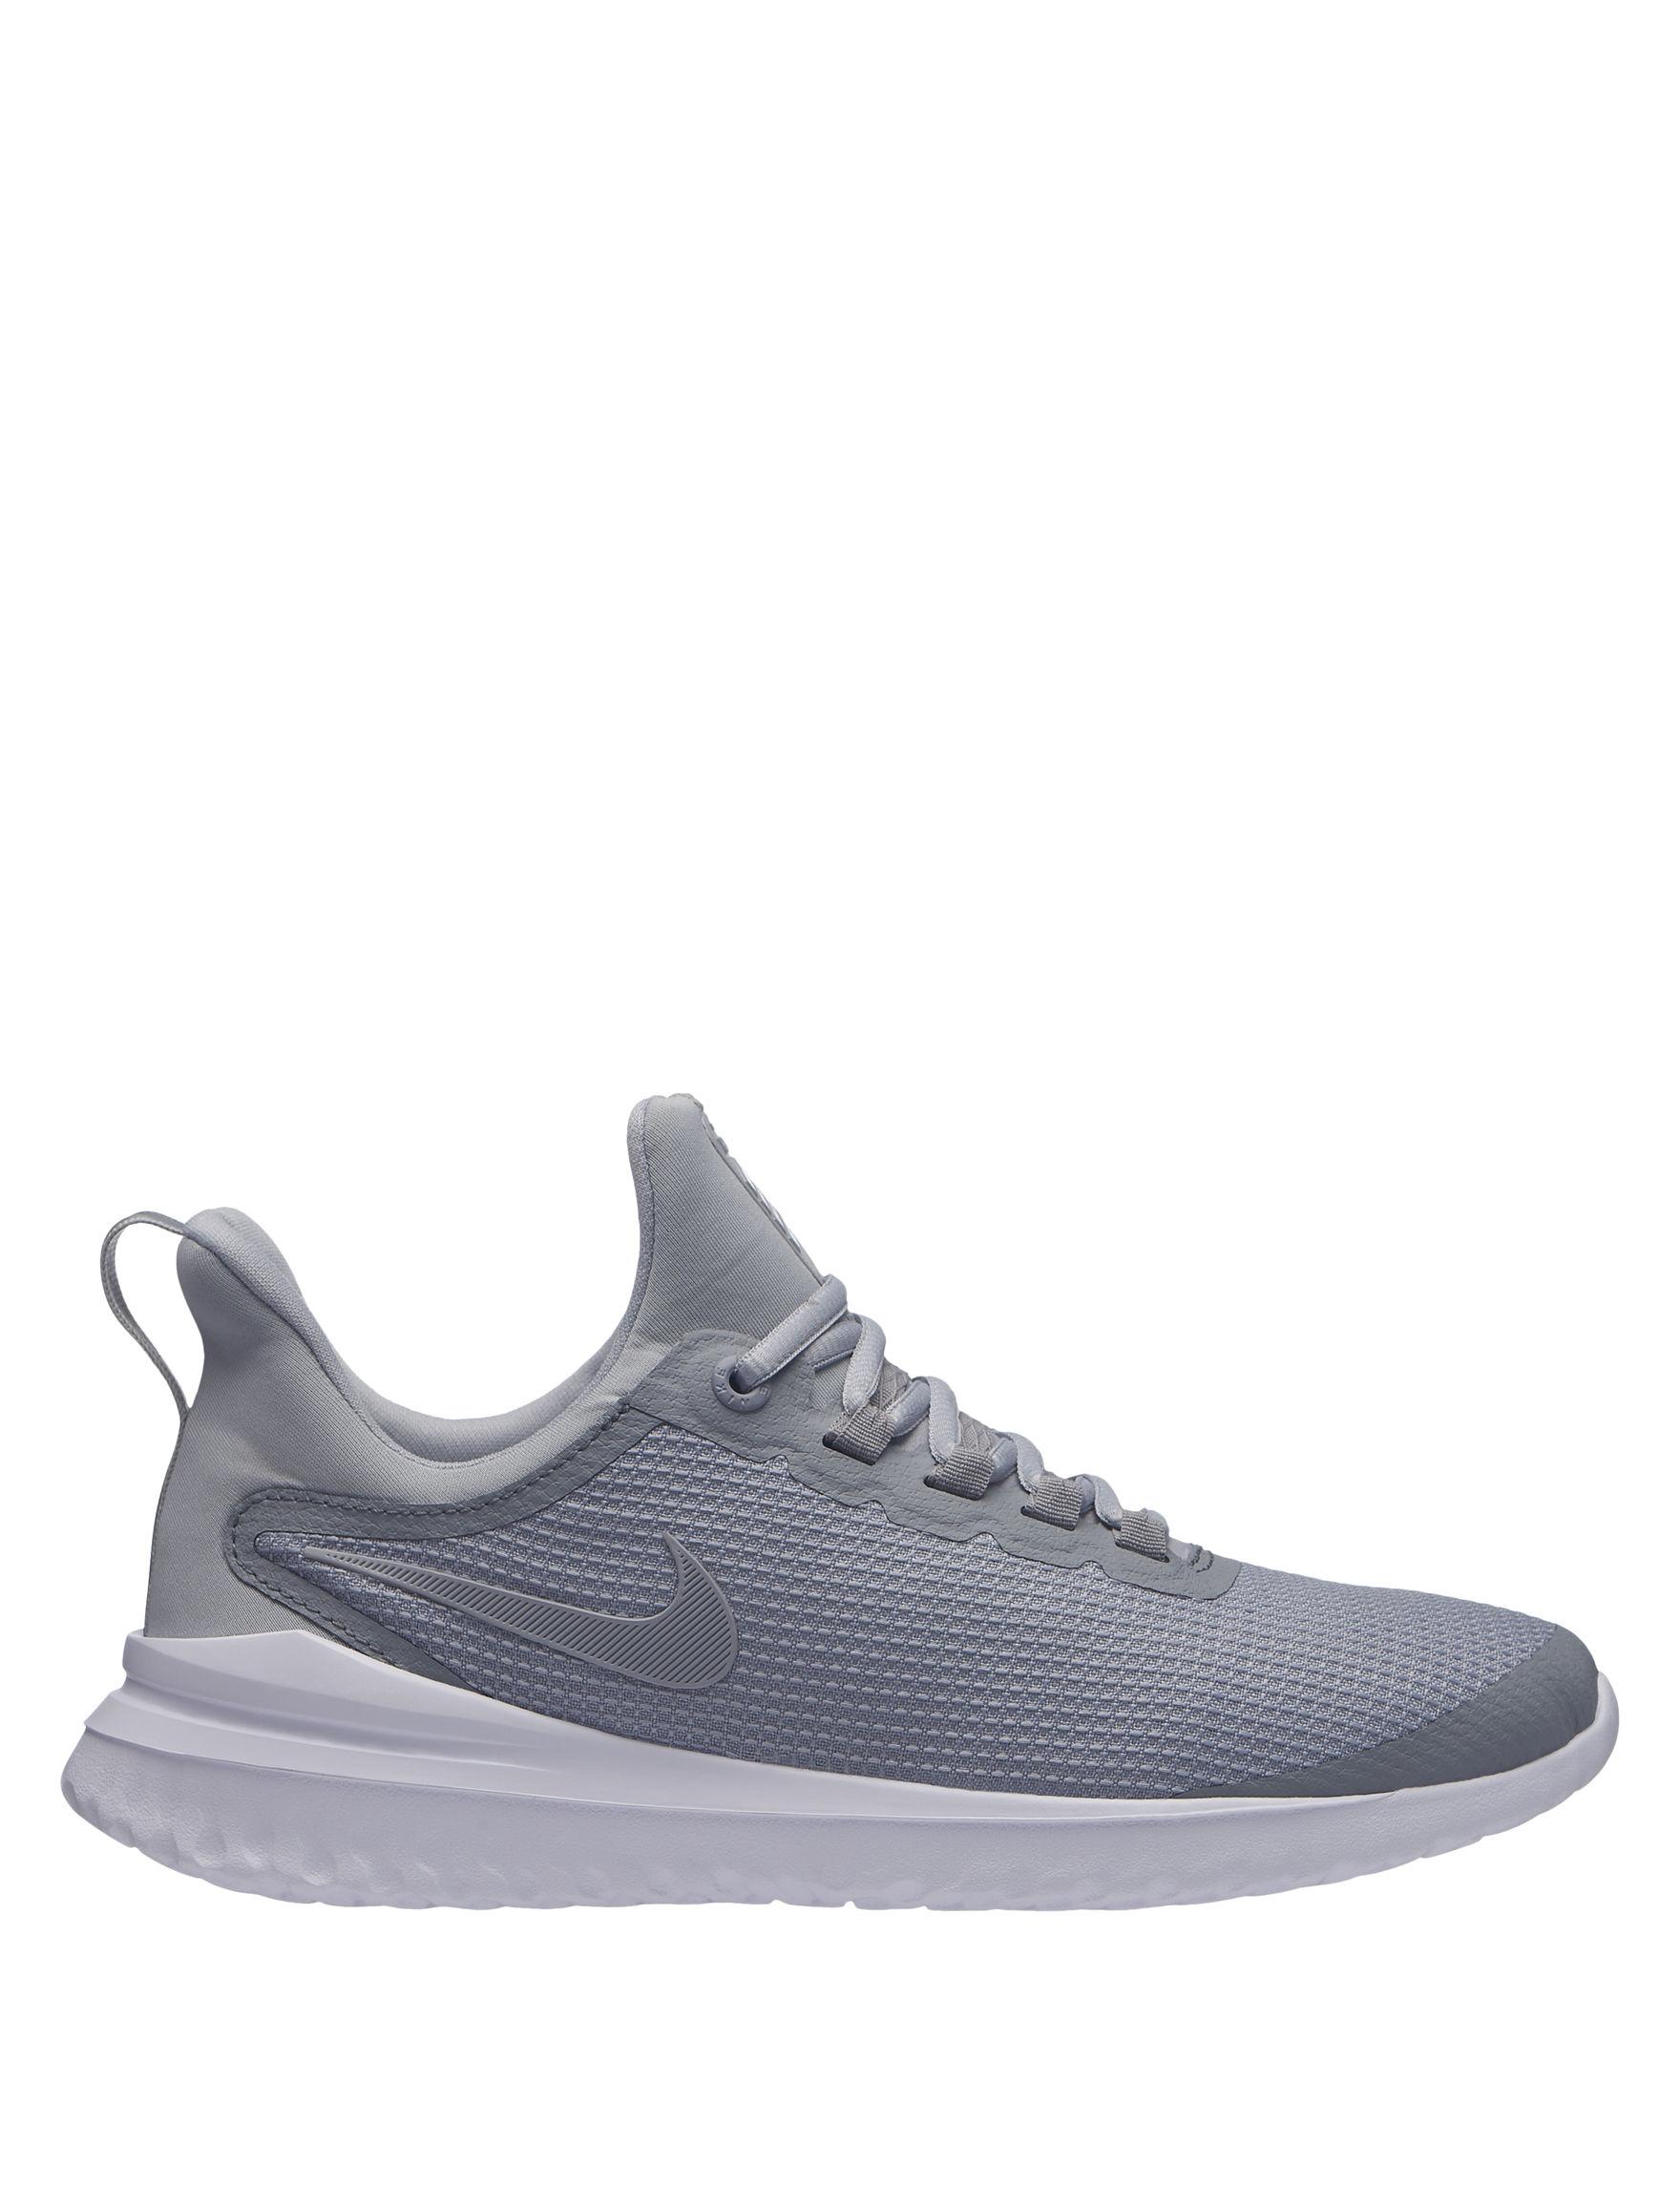 cf6c0856a2ac Nike Women s Renew Rival Running Shoes - Pink - 7.5 - Nike